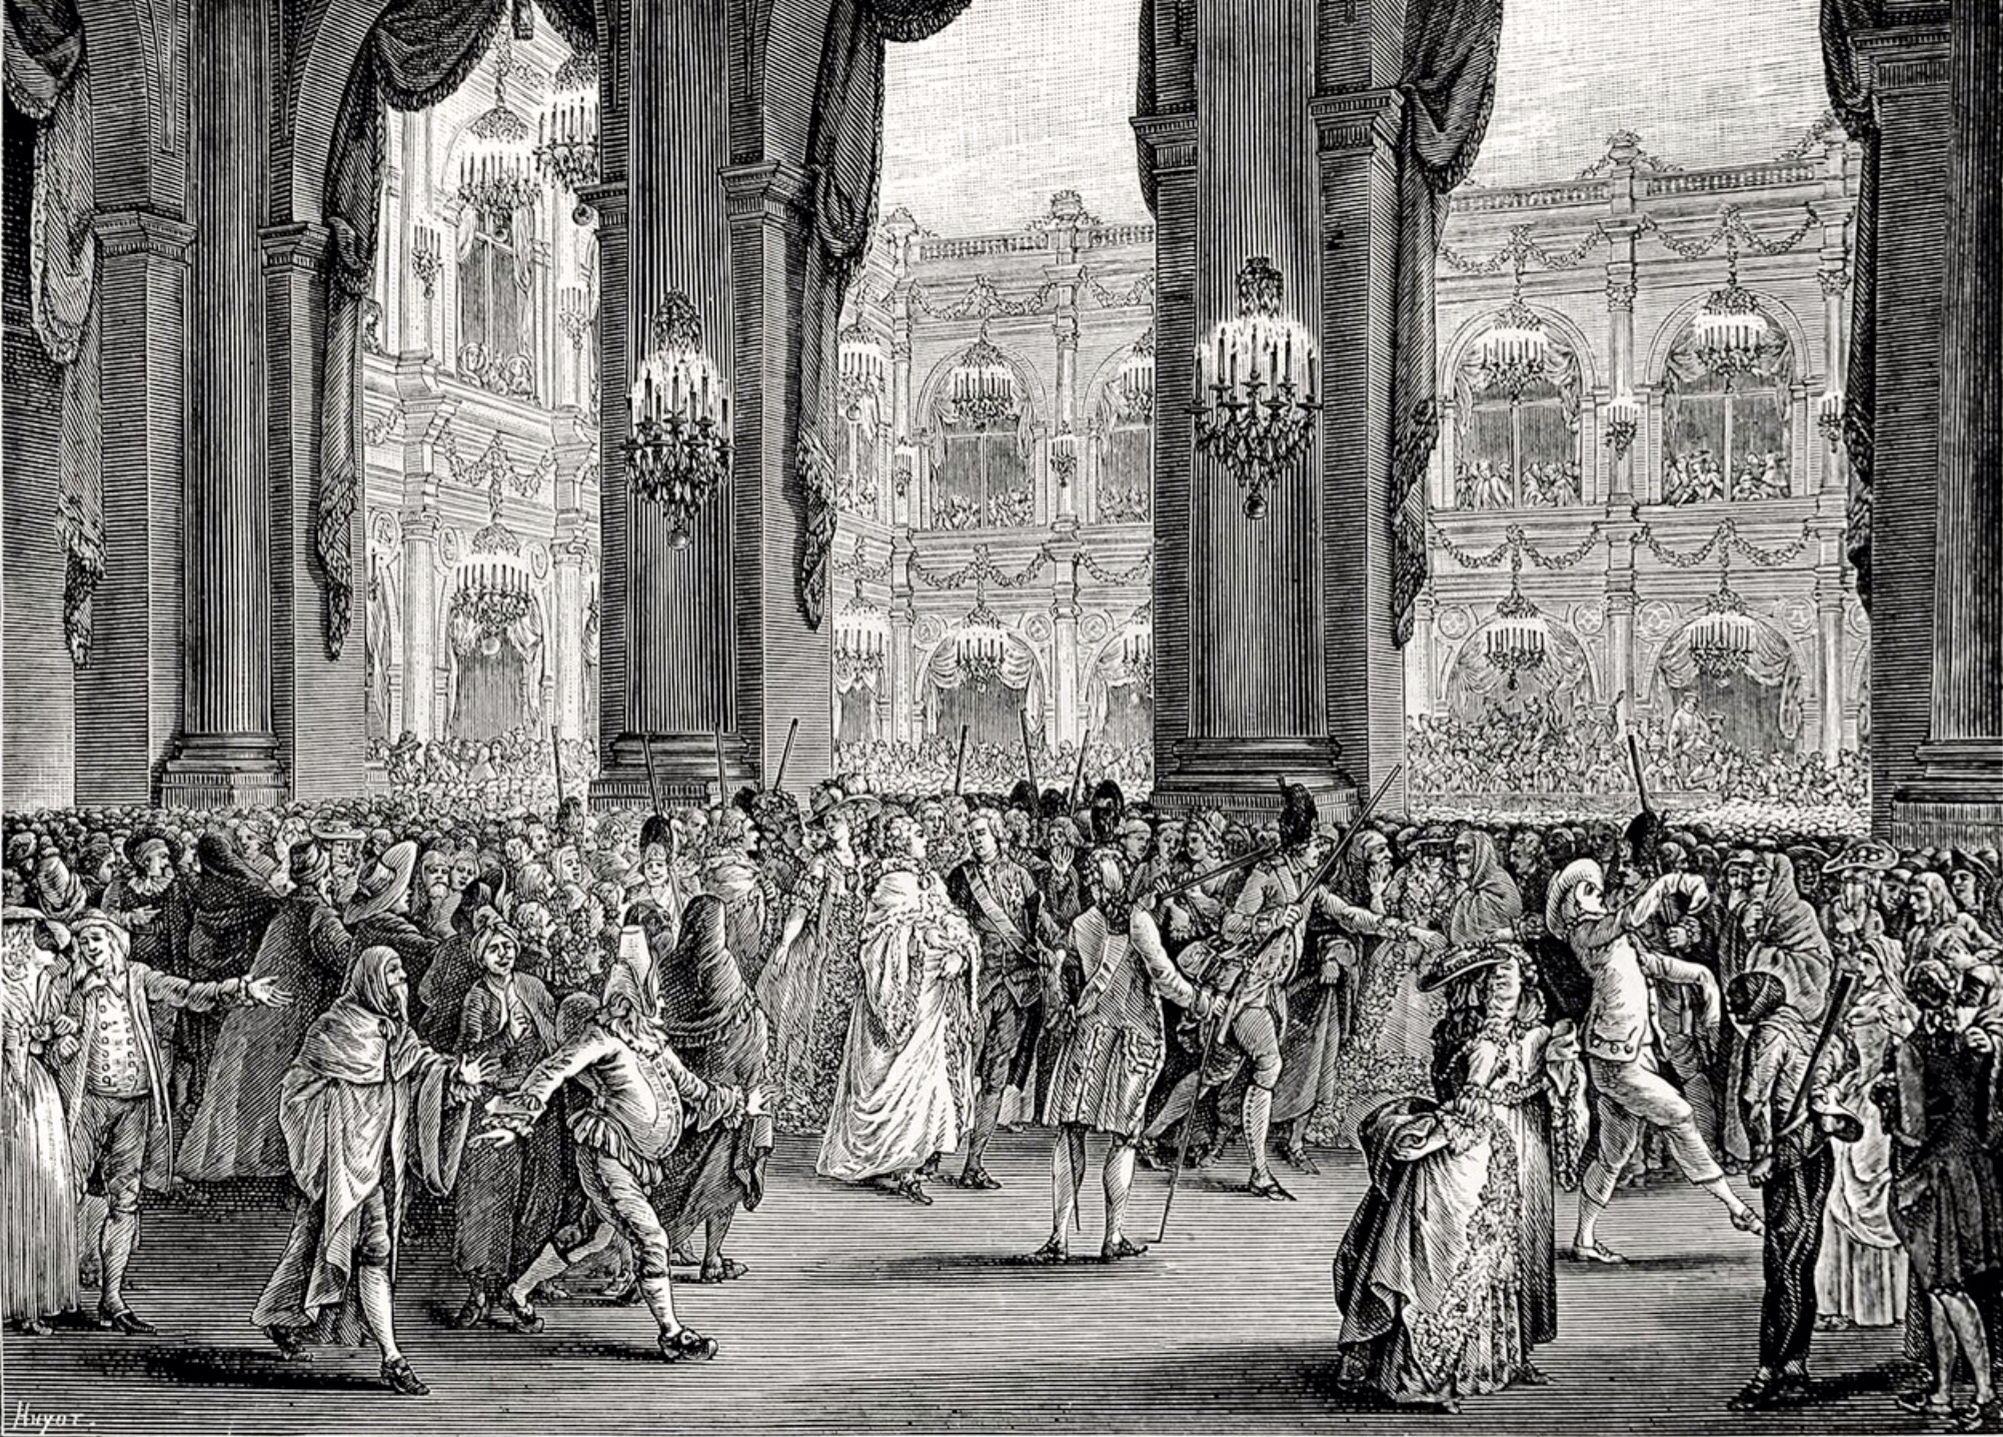 Luis Xvi Y María Antonieta En Un Baile De Máscaras En La ópera De París Grabado De Jean Michel Moreau Old Paris French History Old Things